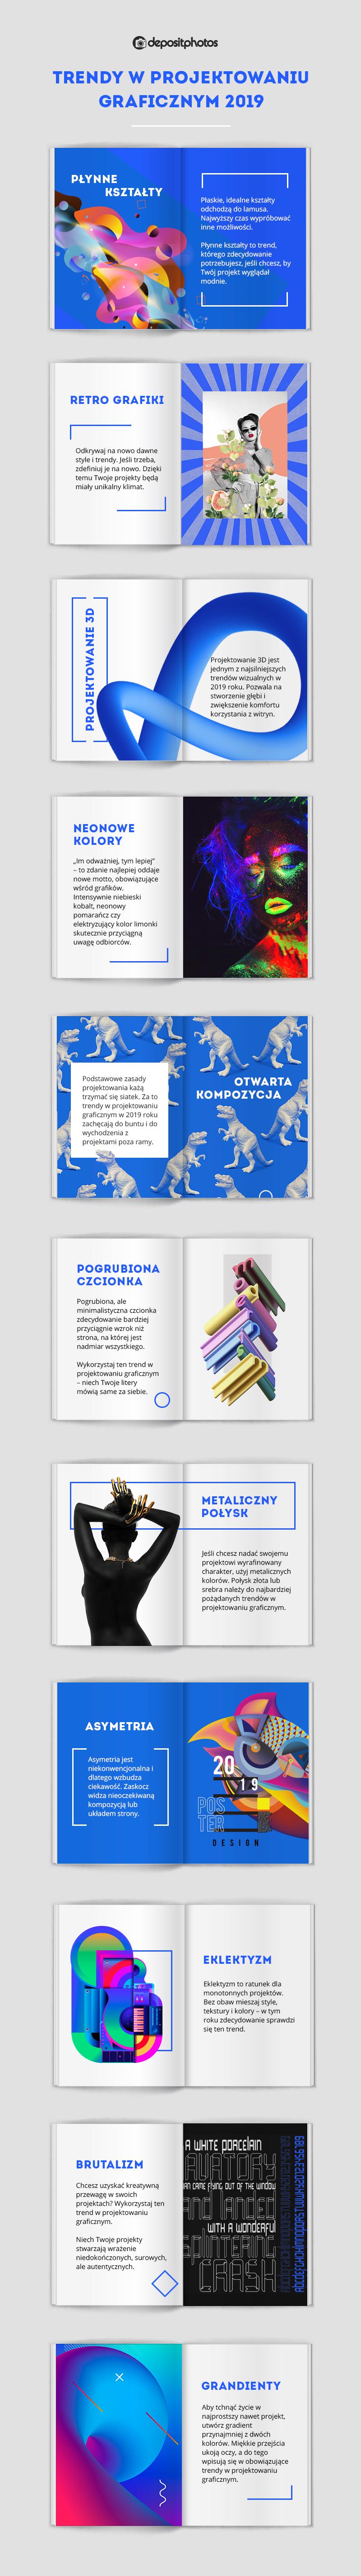 Trendy w projektowaniu graficznym w roku 2019